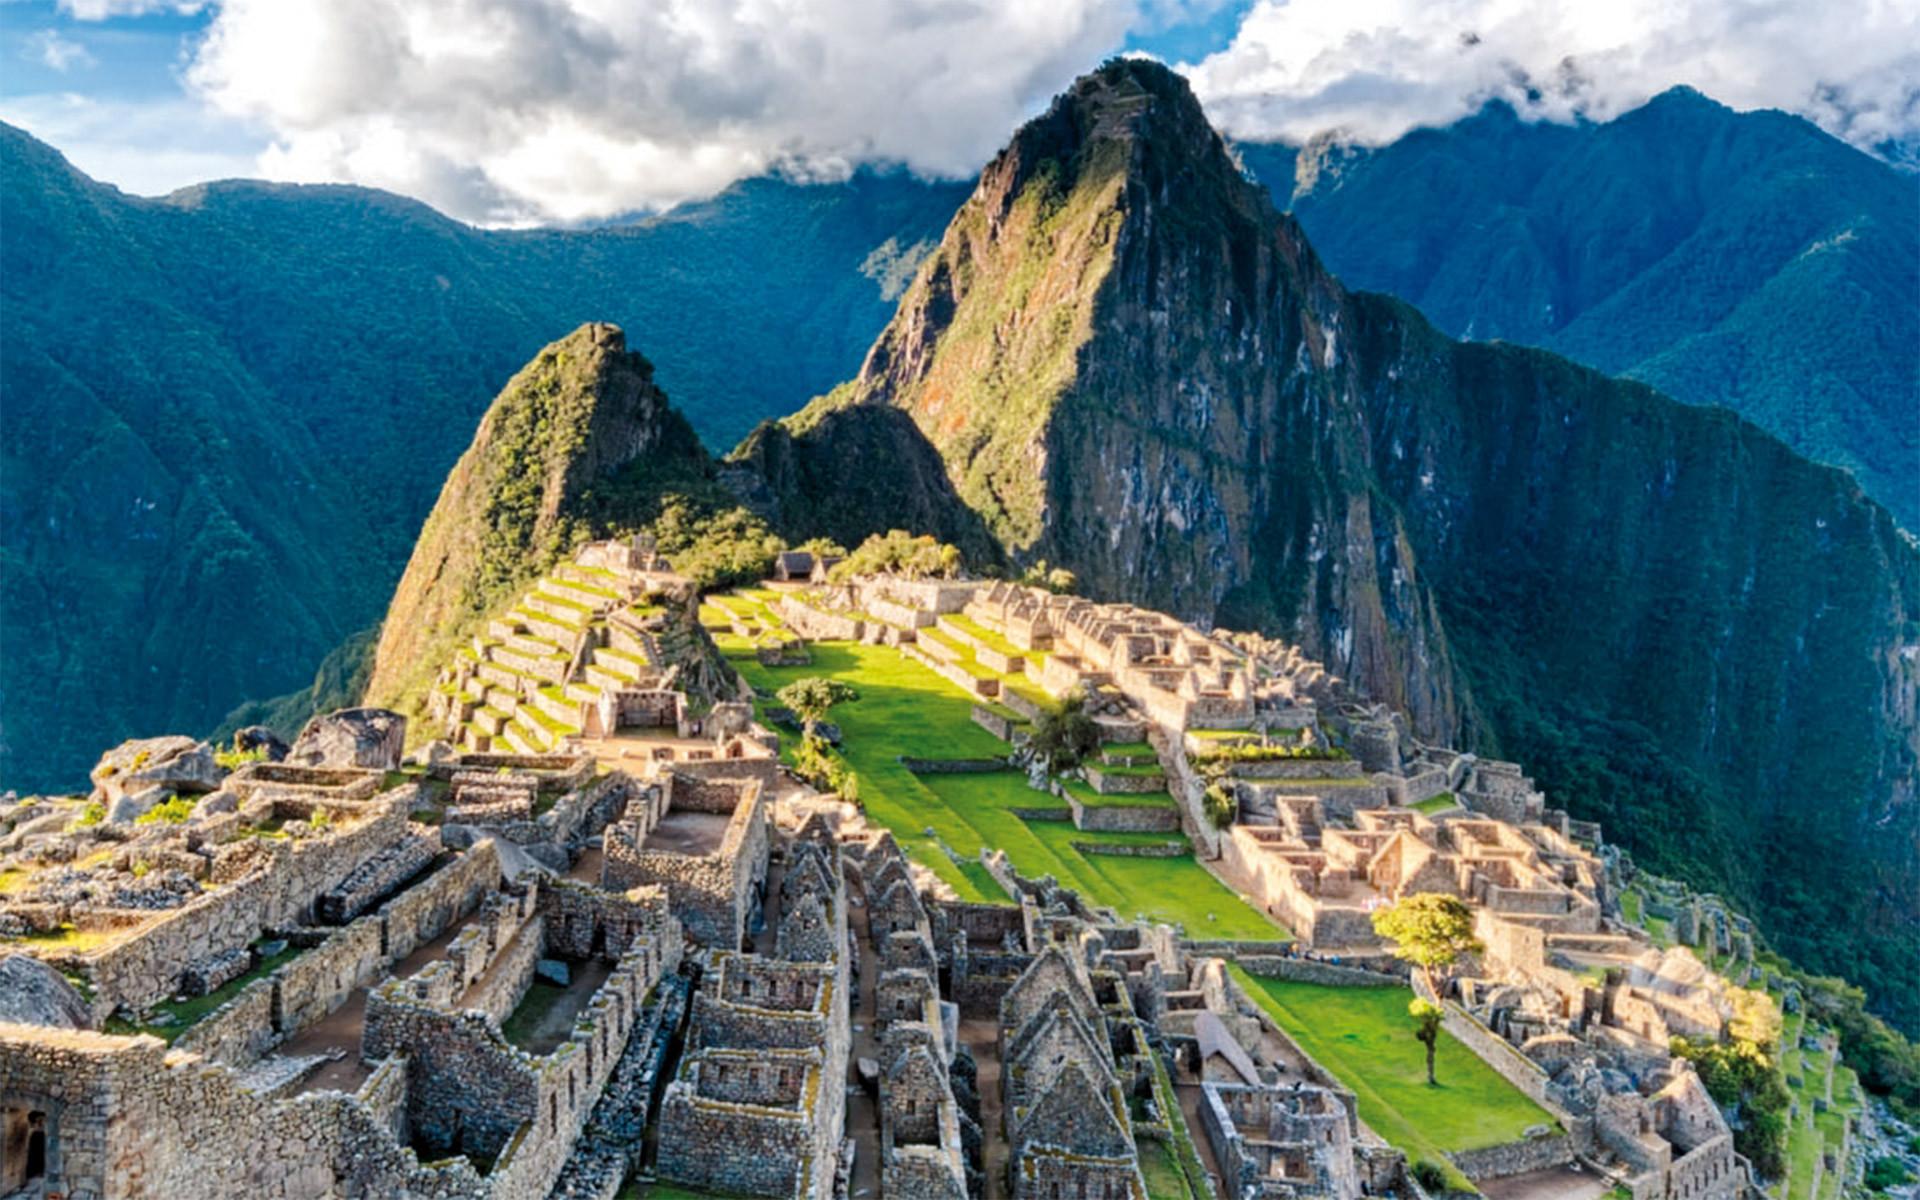 Immer ein besonderes Ziel ist die ehemalige Inkahauptstadt Machu Picchu